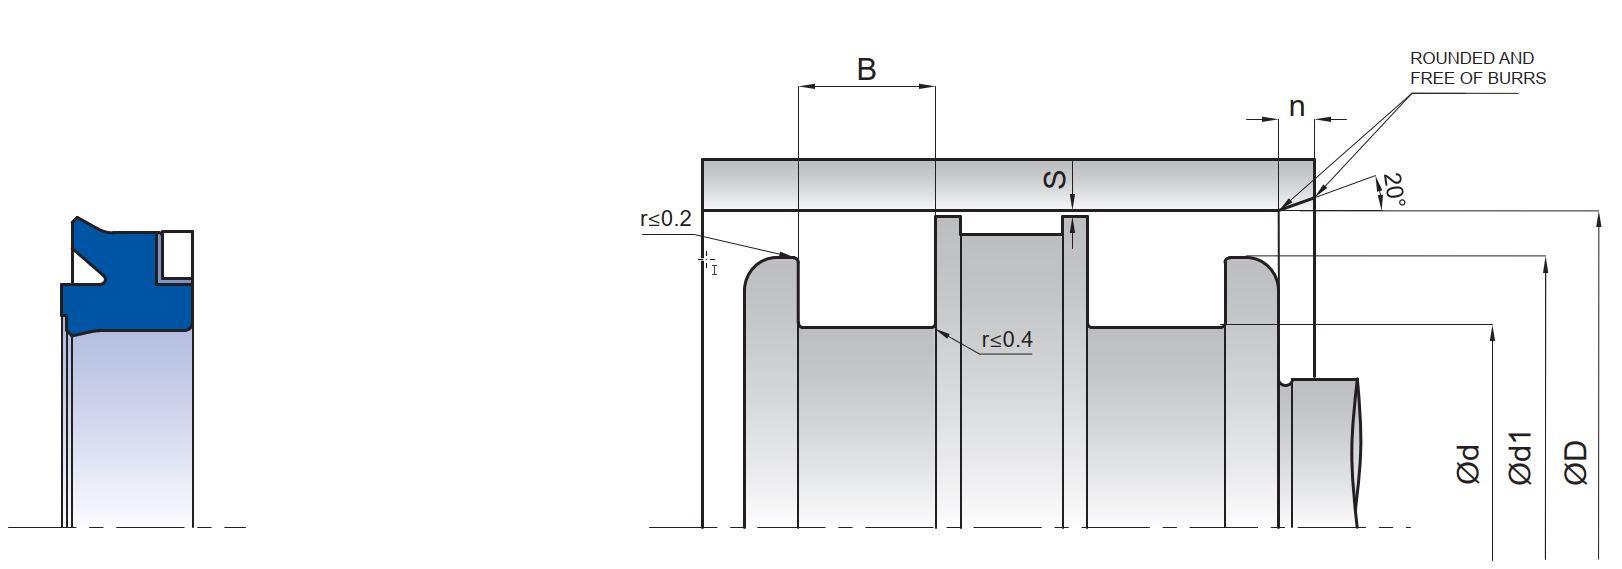 Drawing PS-17